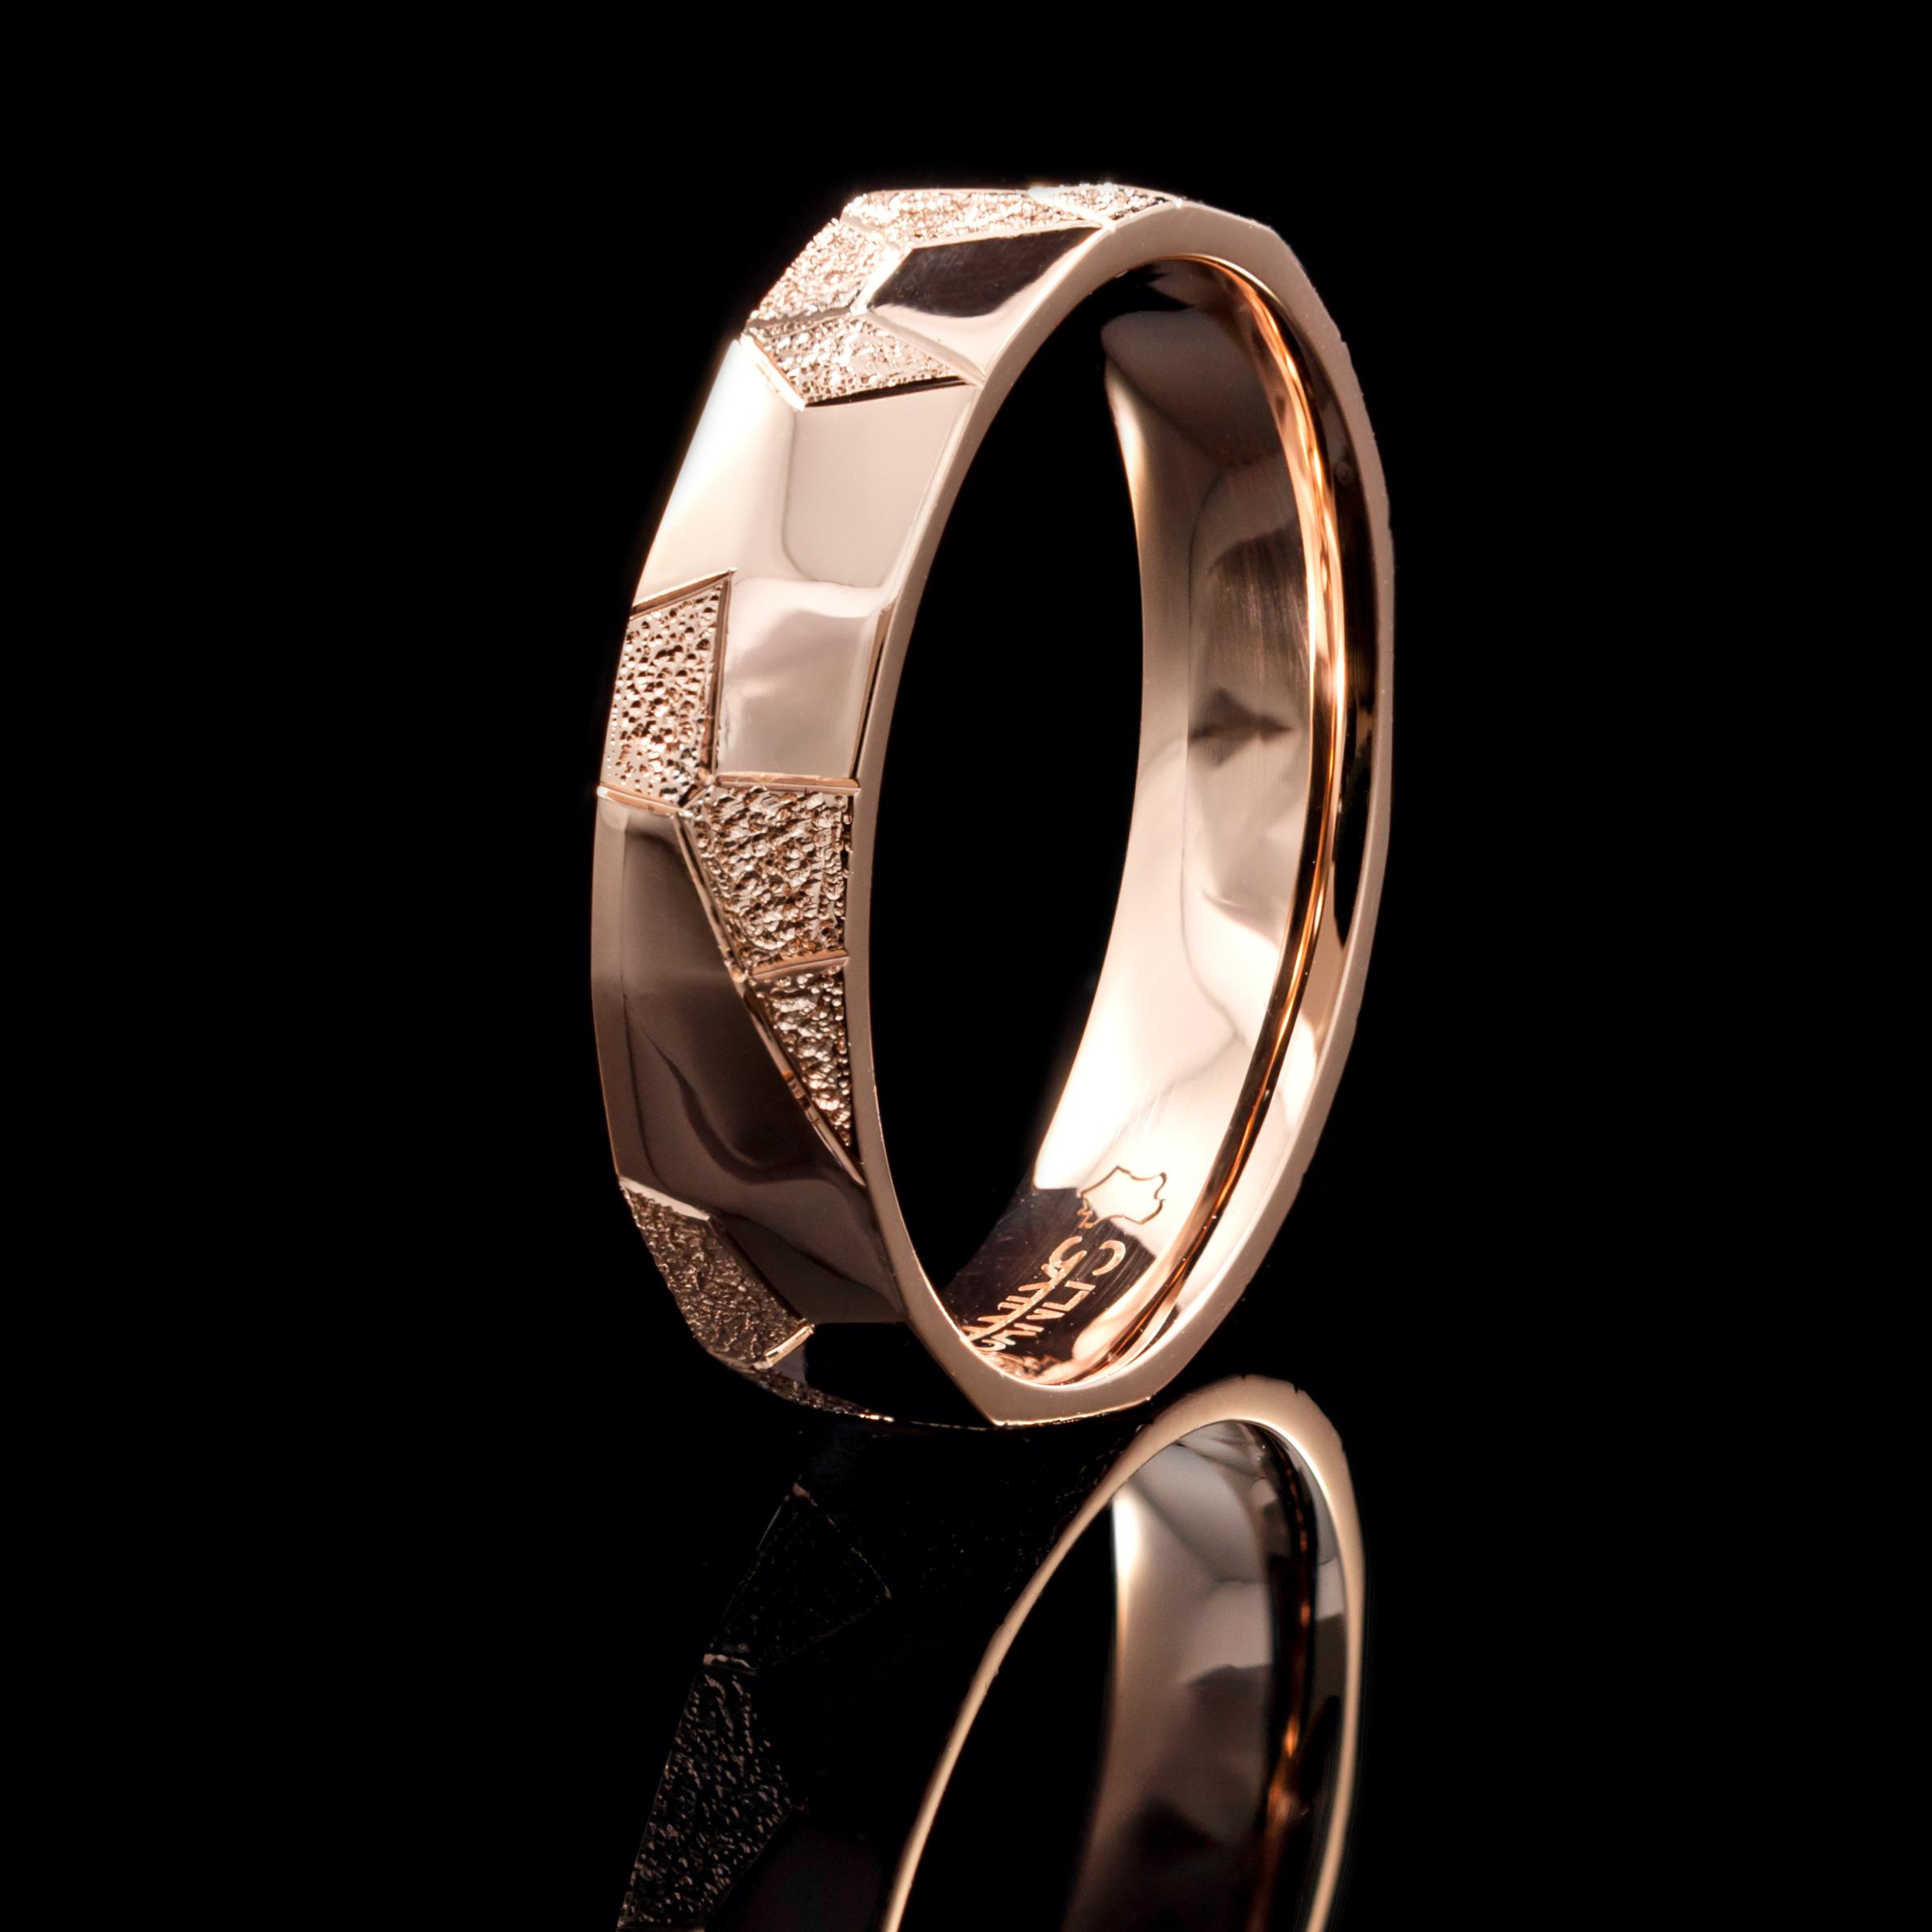 Sanlys réalise de nombreux types de bijoux, alliances et autres.